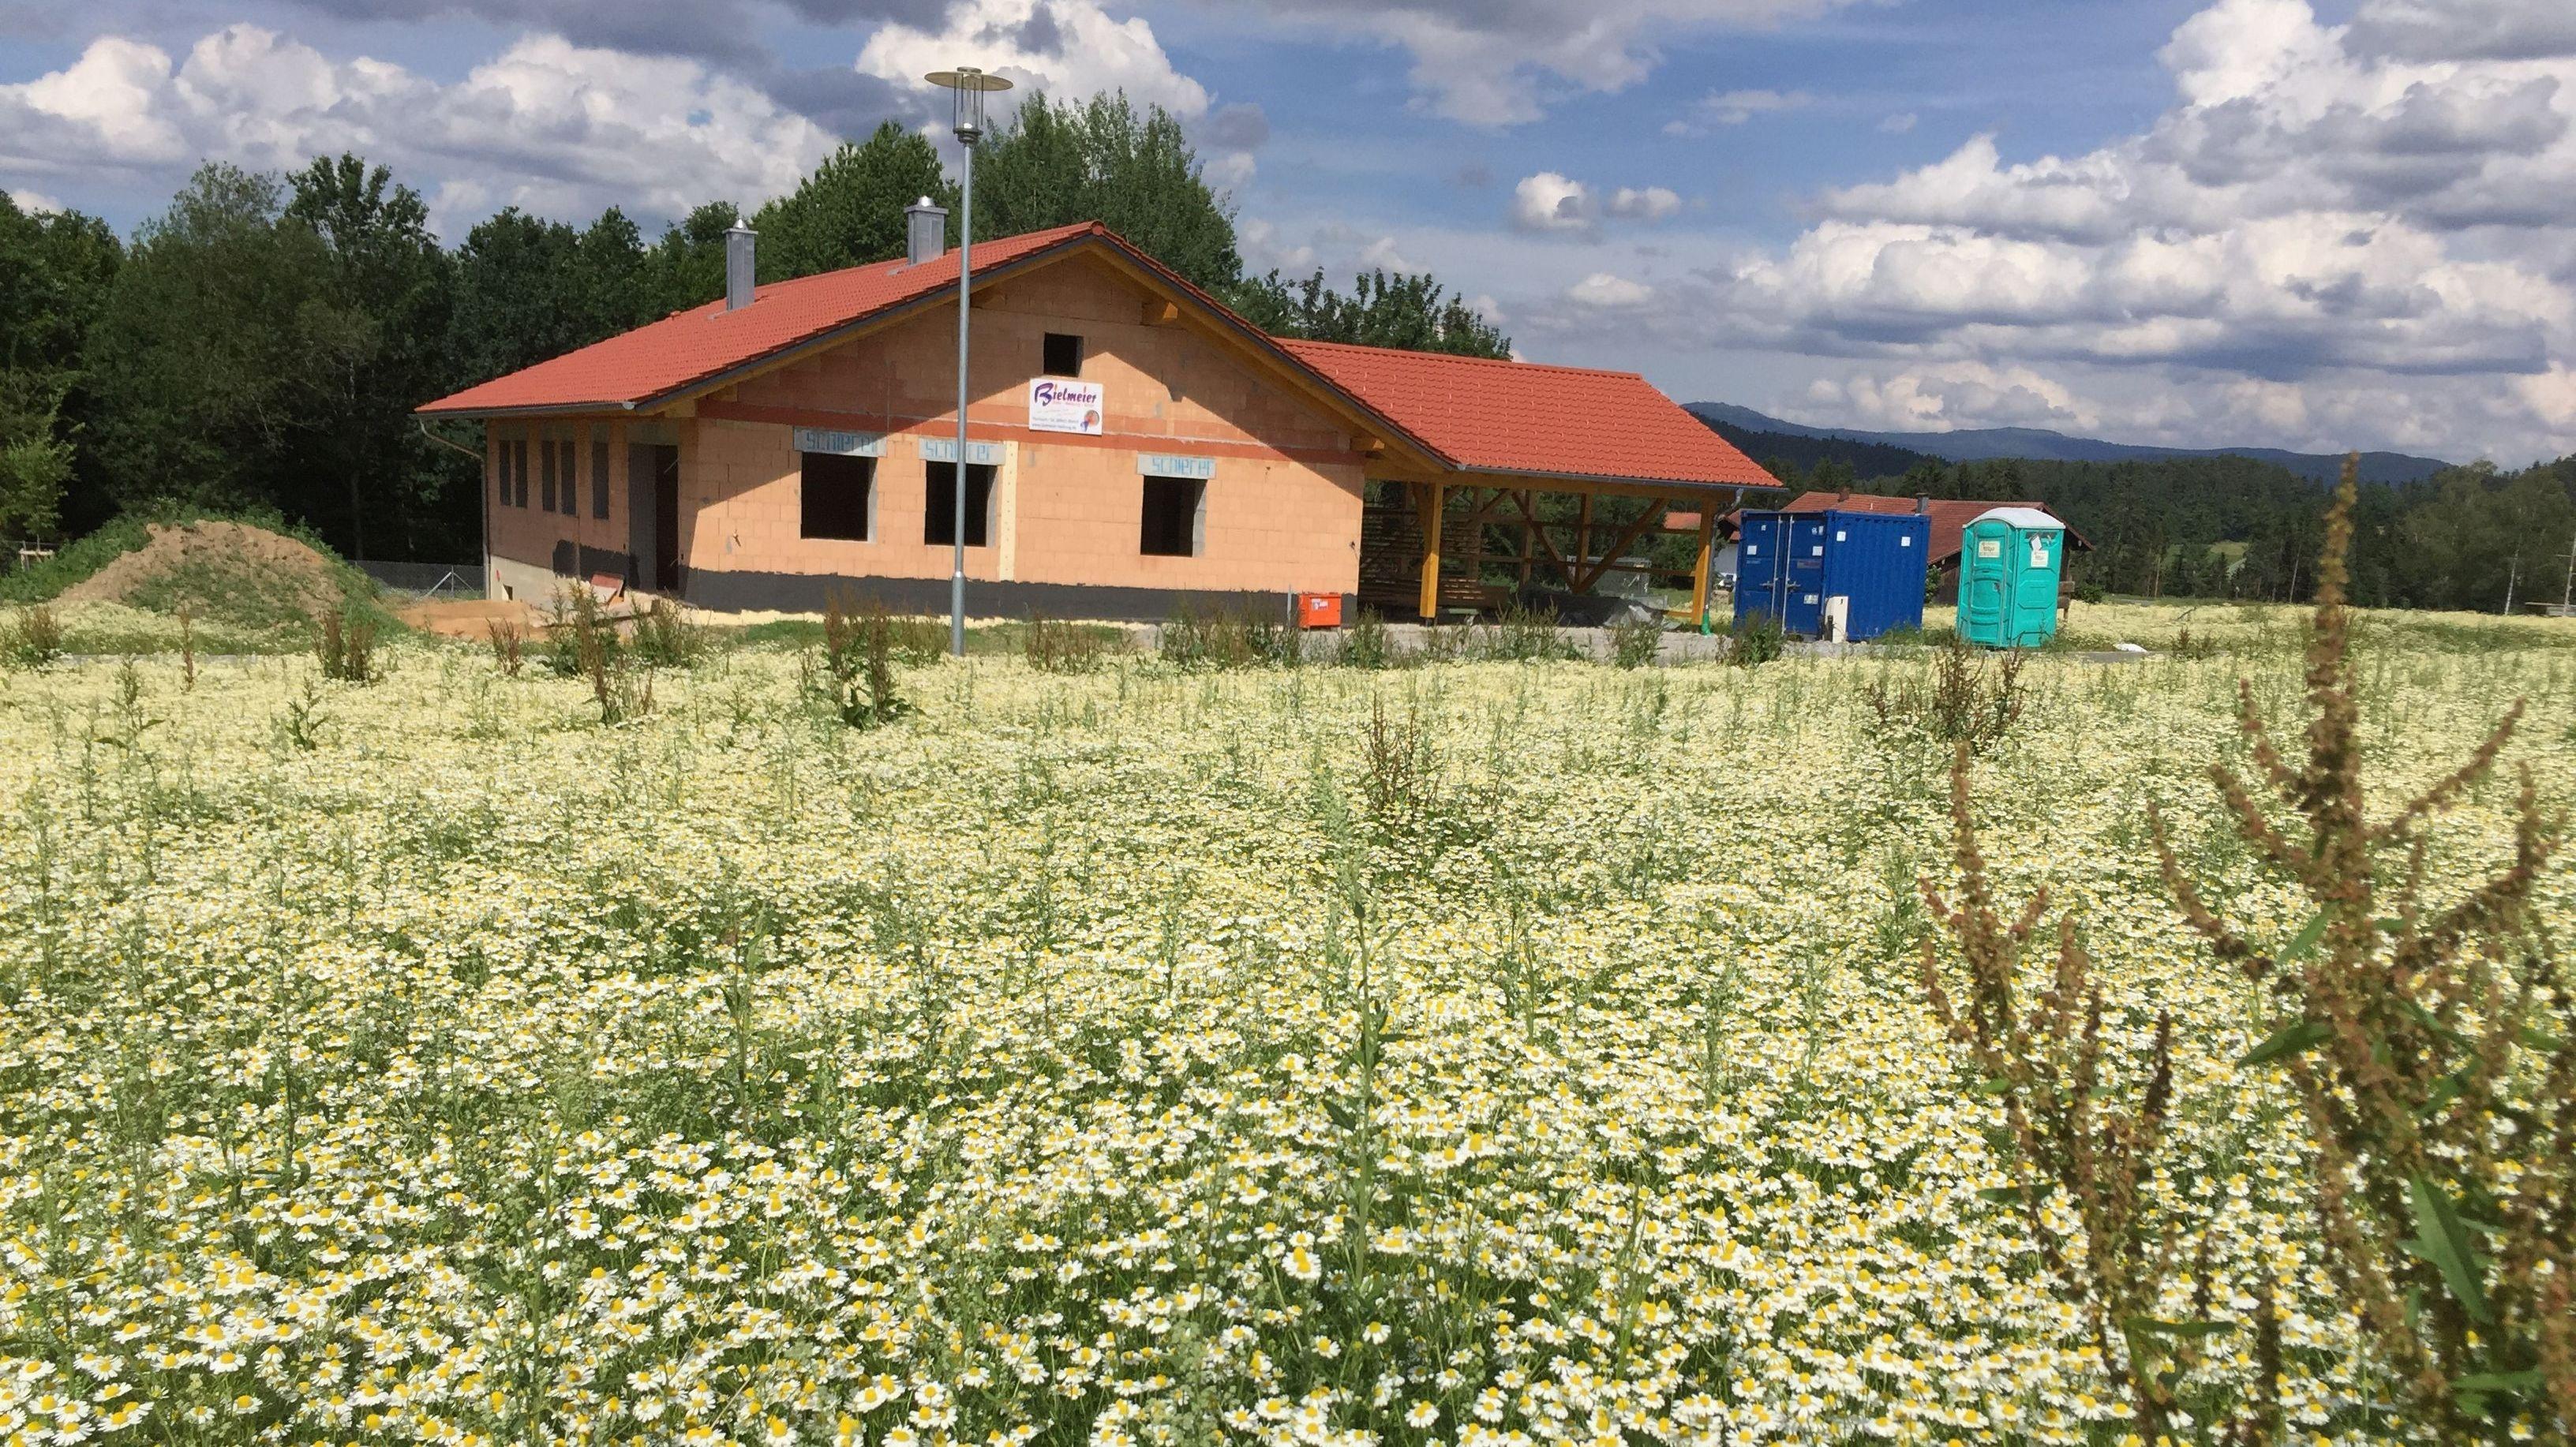 Baugebiet Schlatzendorf: Grundstücke mit jeweils einem Einfamilienhaus mit Garten entstehen dort - Eine typische Siedlungsstruktur auf dem Land.